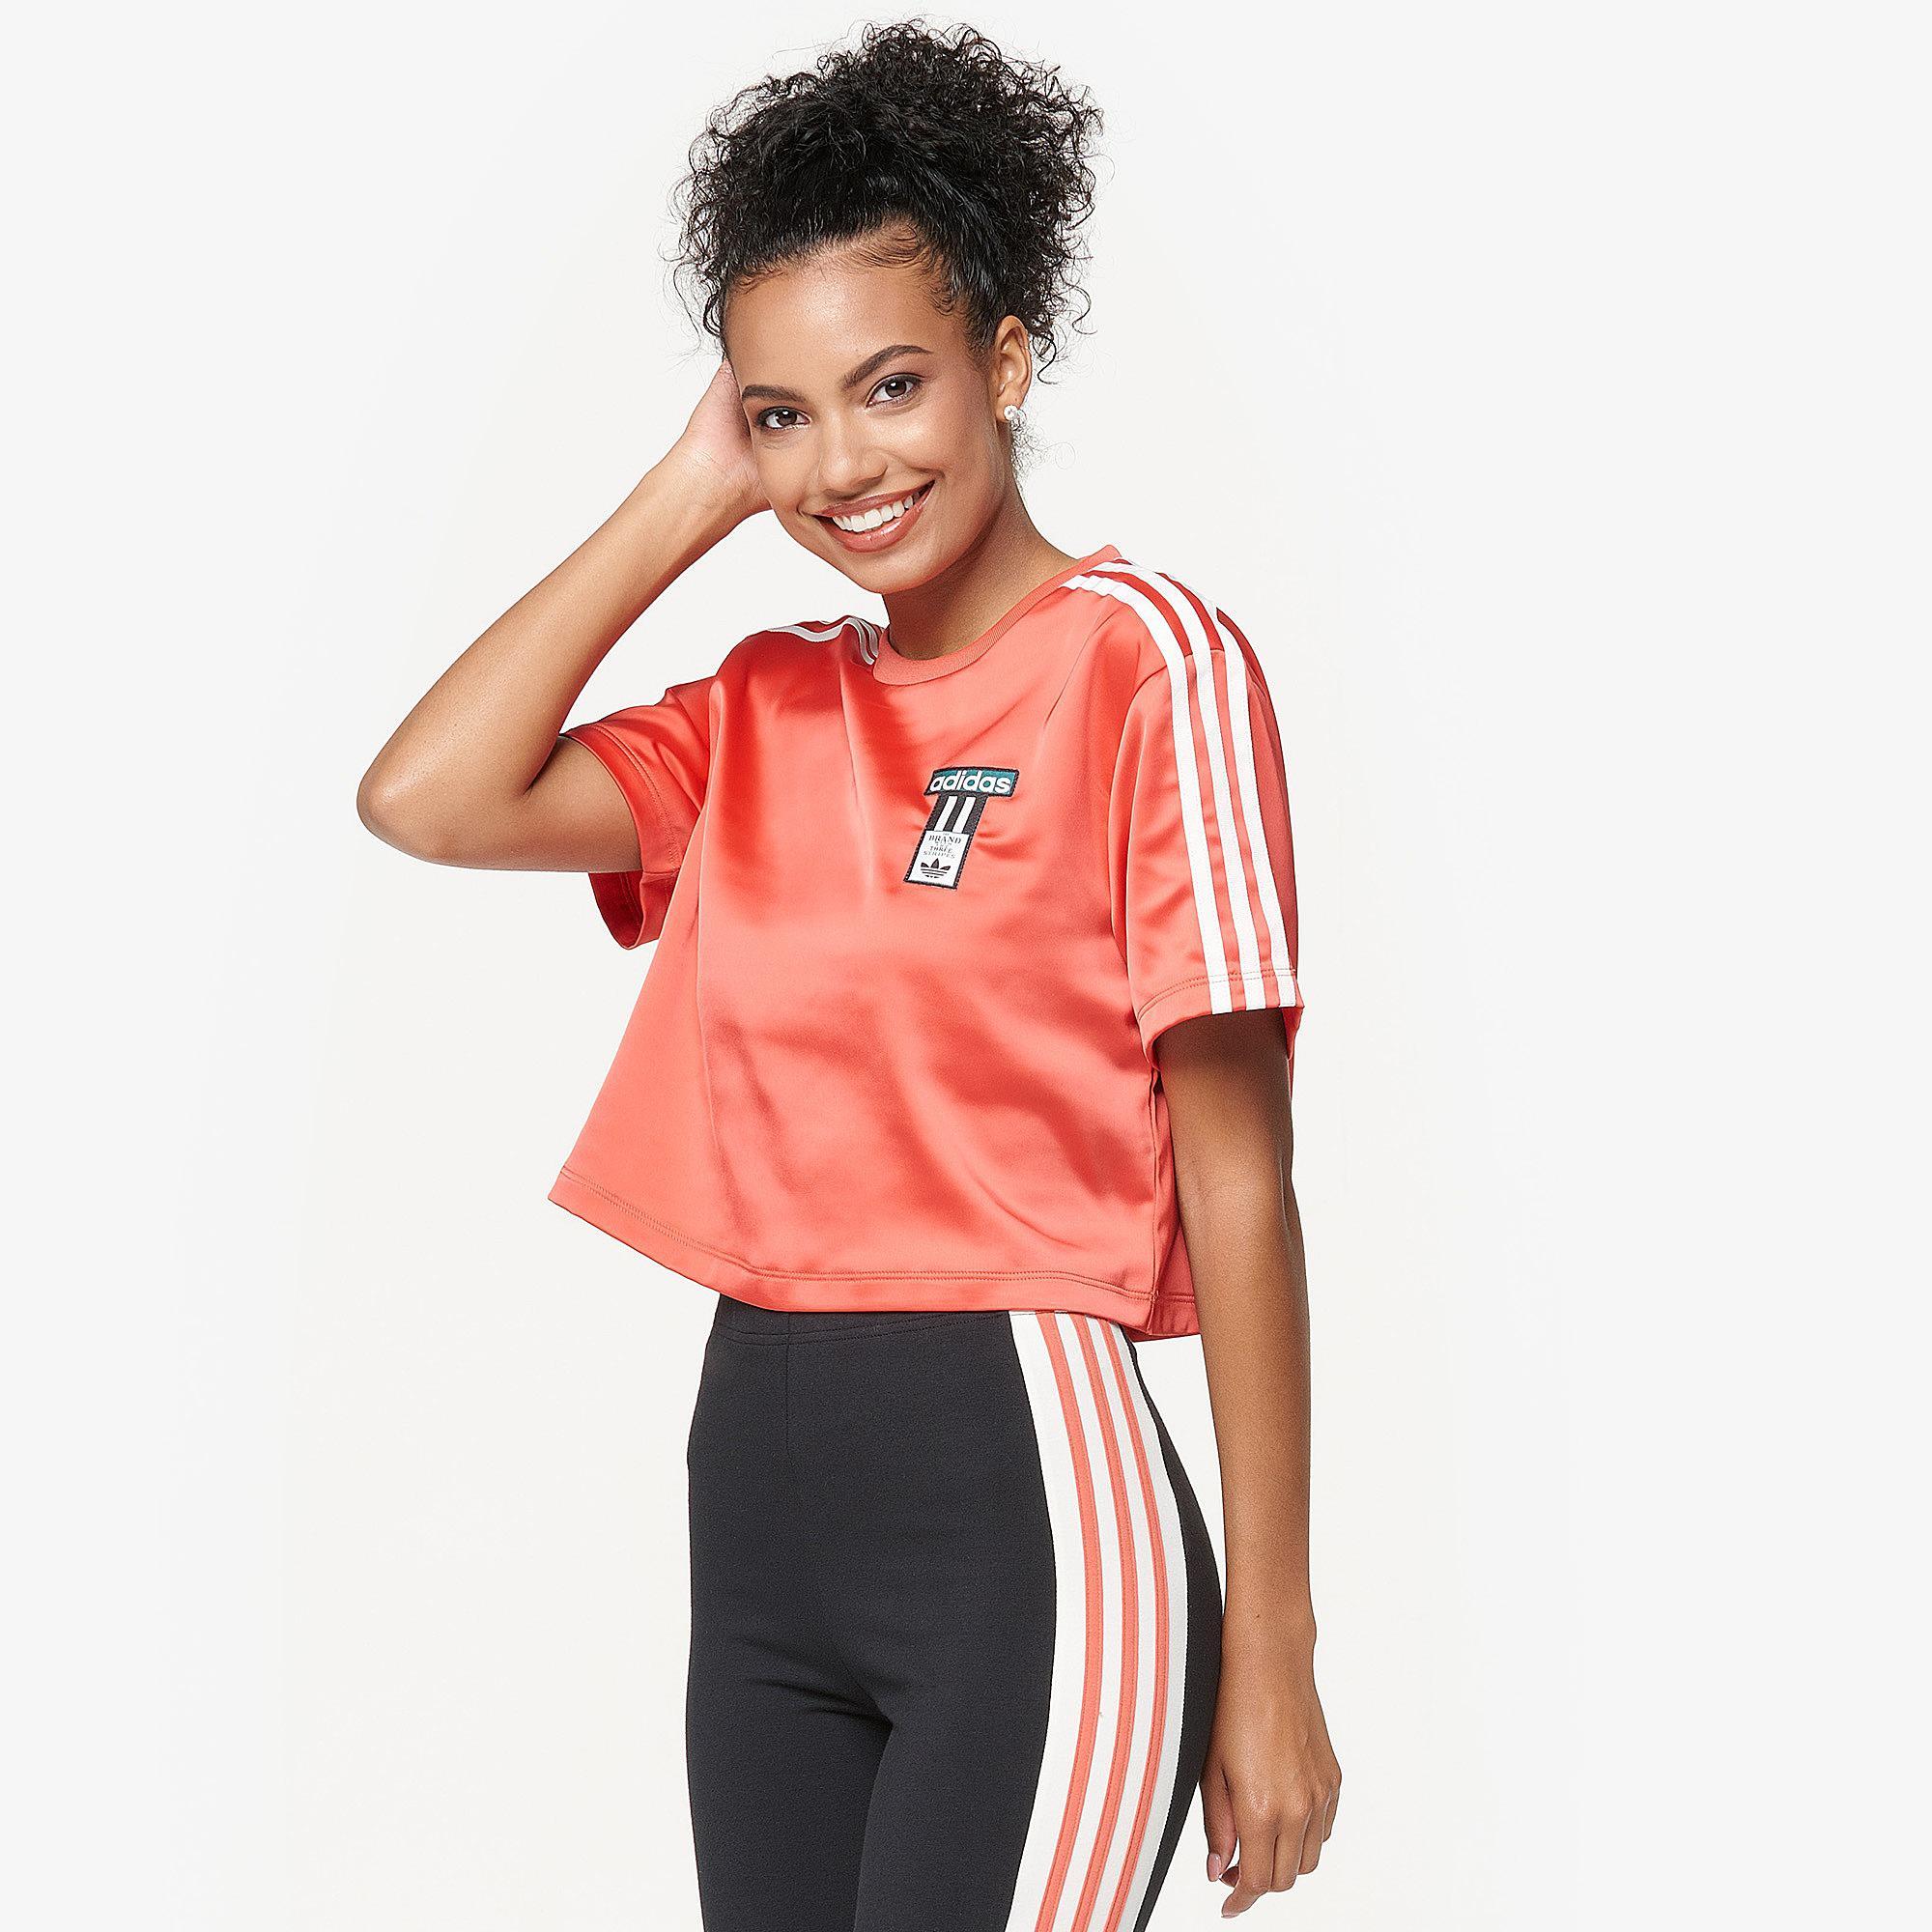 be9f2f7b5c5c adidas Originals Adibreak T-shirt in Red - Lyst